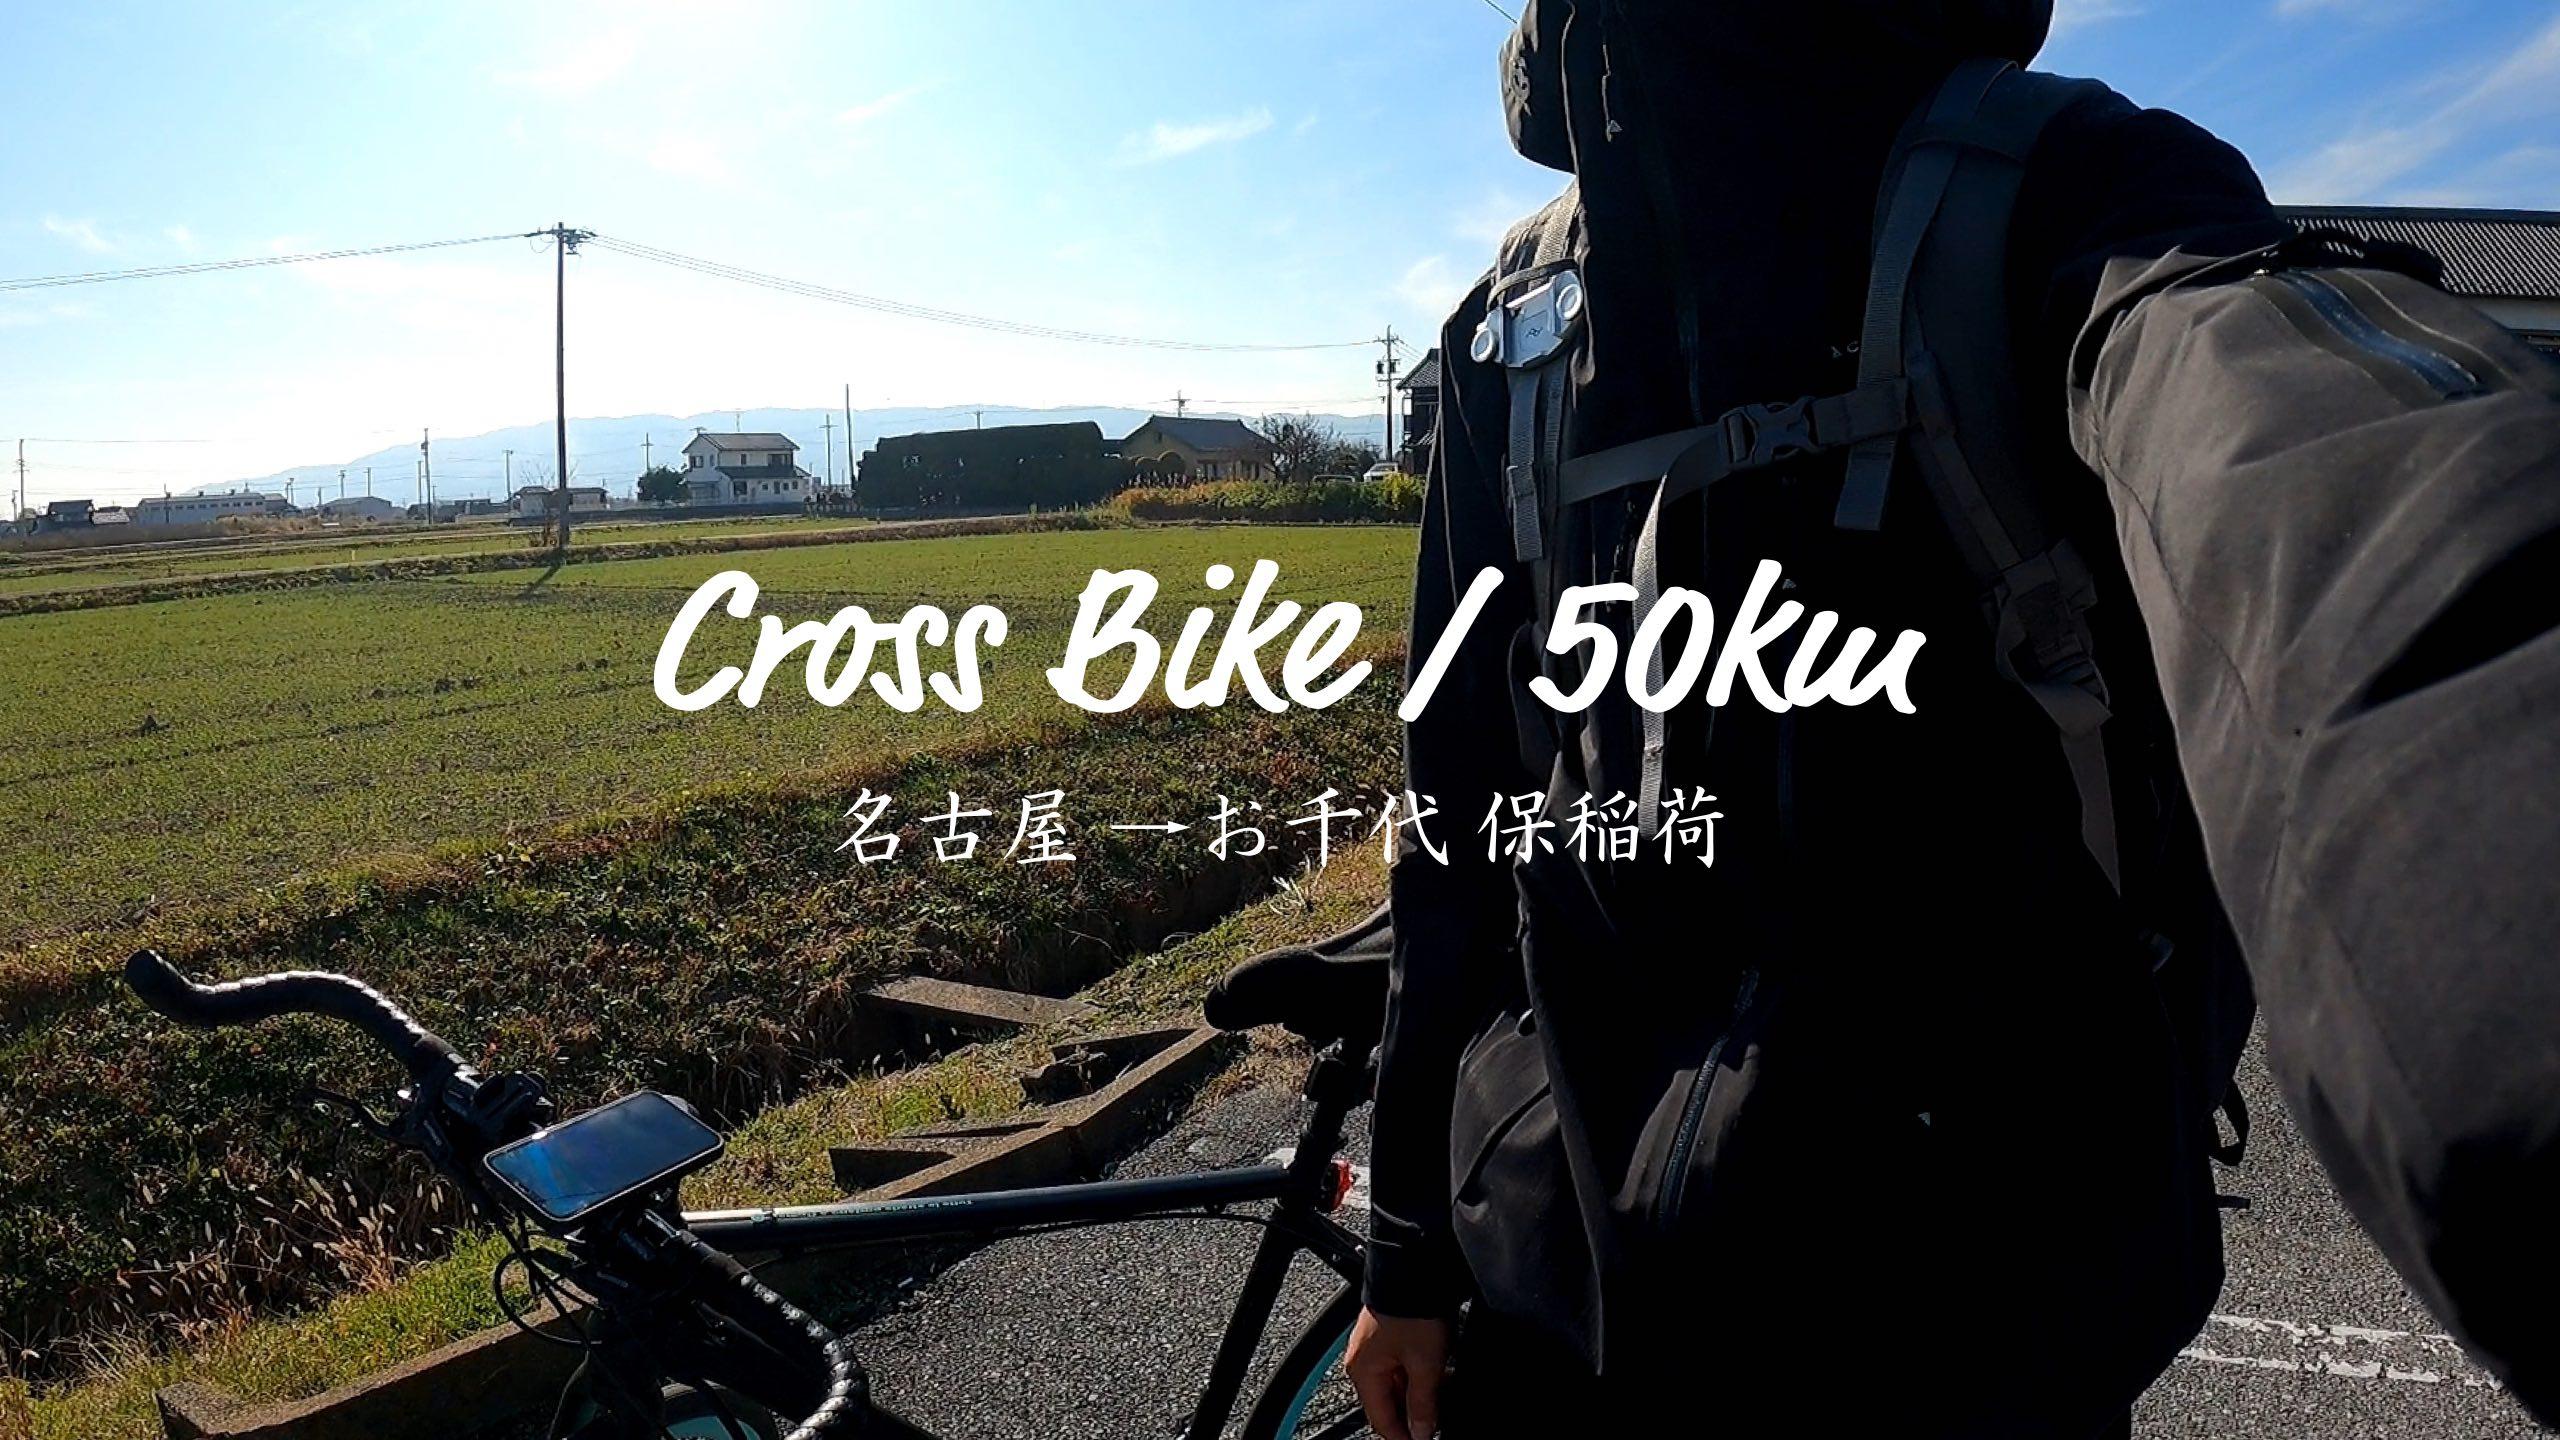 【クロスバイクで50km】お千代保稲荷まで行ったら最高のサイクリングロードすぎた…!【GoPro HERO9】